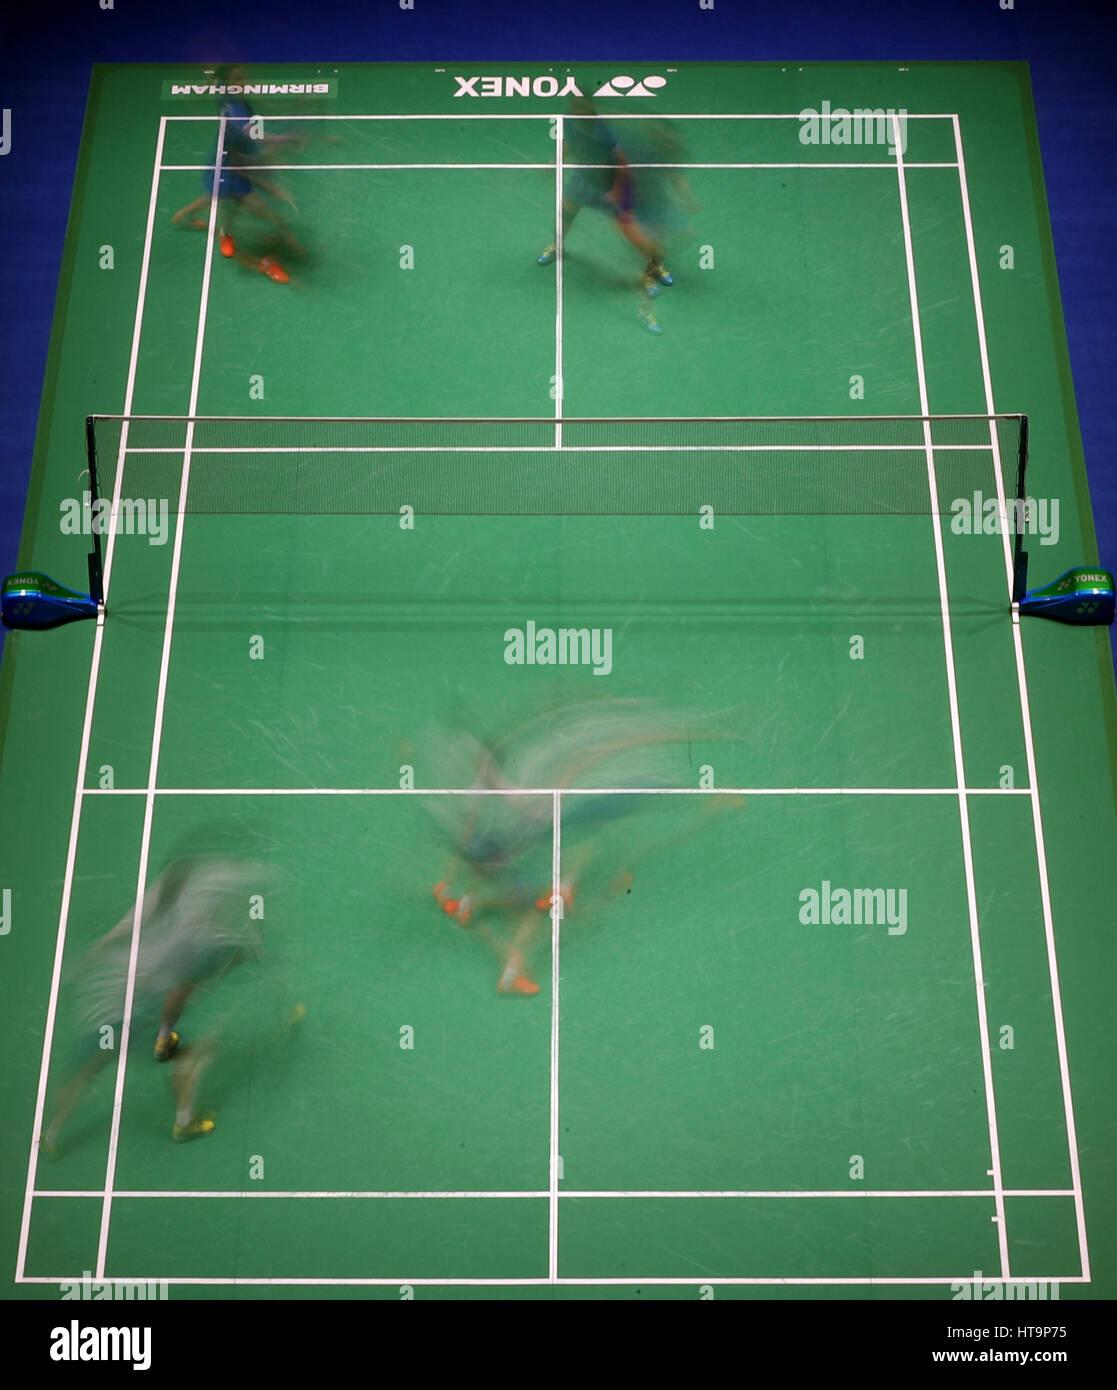 China s Huang Kaixiang and Wang Yilyu during their Women s doubles